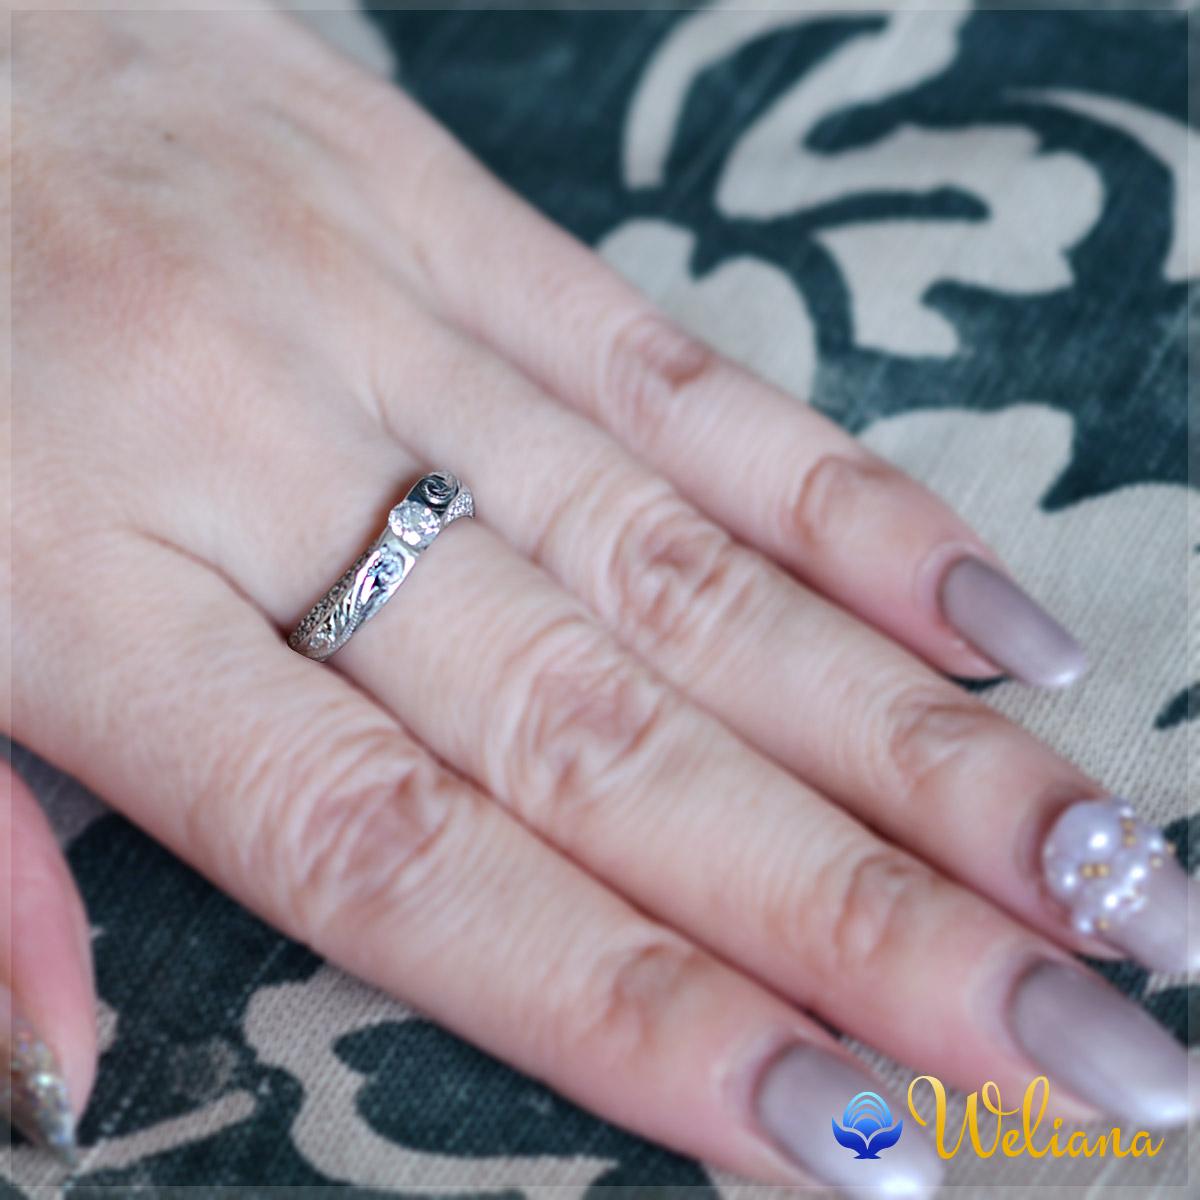 ハワイアンジュエリーレディース 女性(Weliana)NAO ナオ スクロール ダイヤモンド リング プラチナ